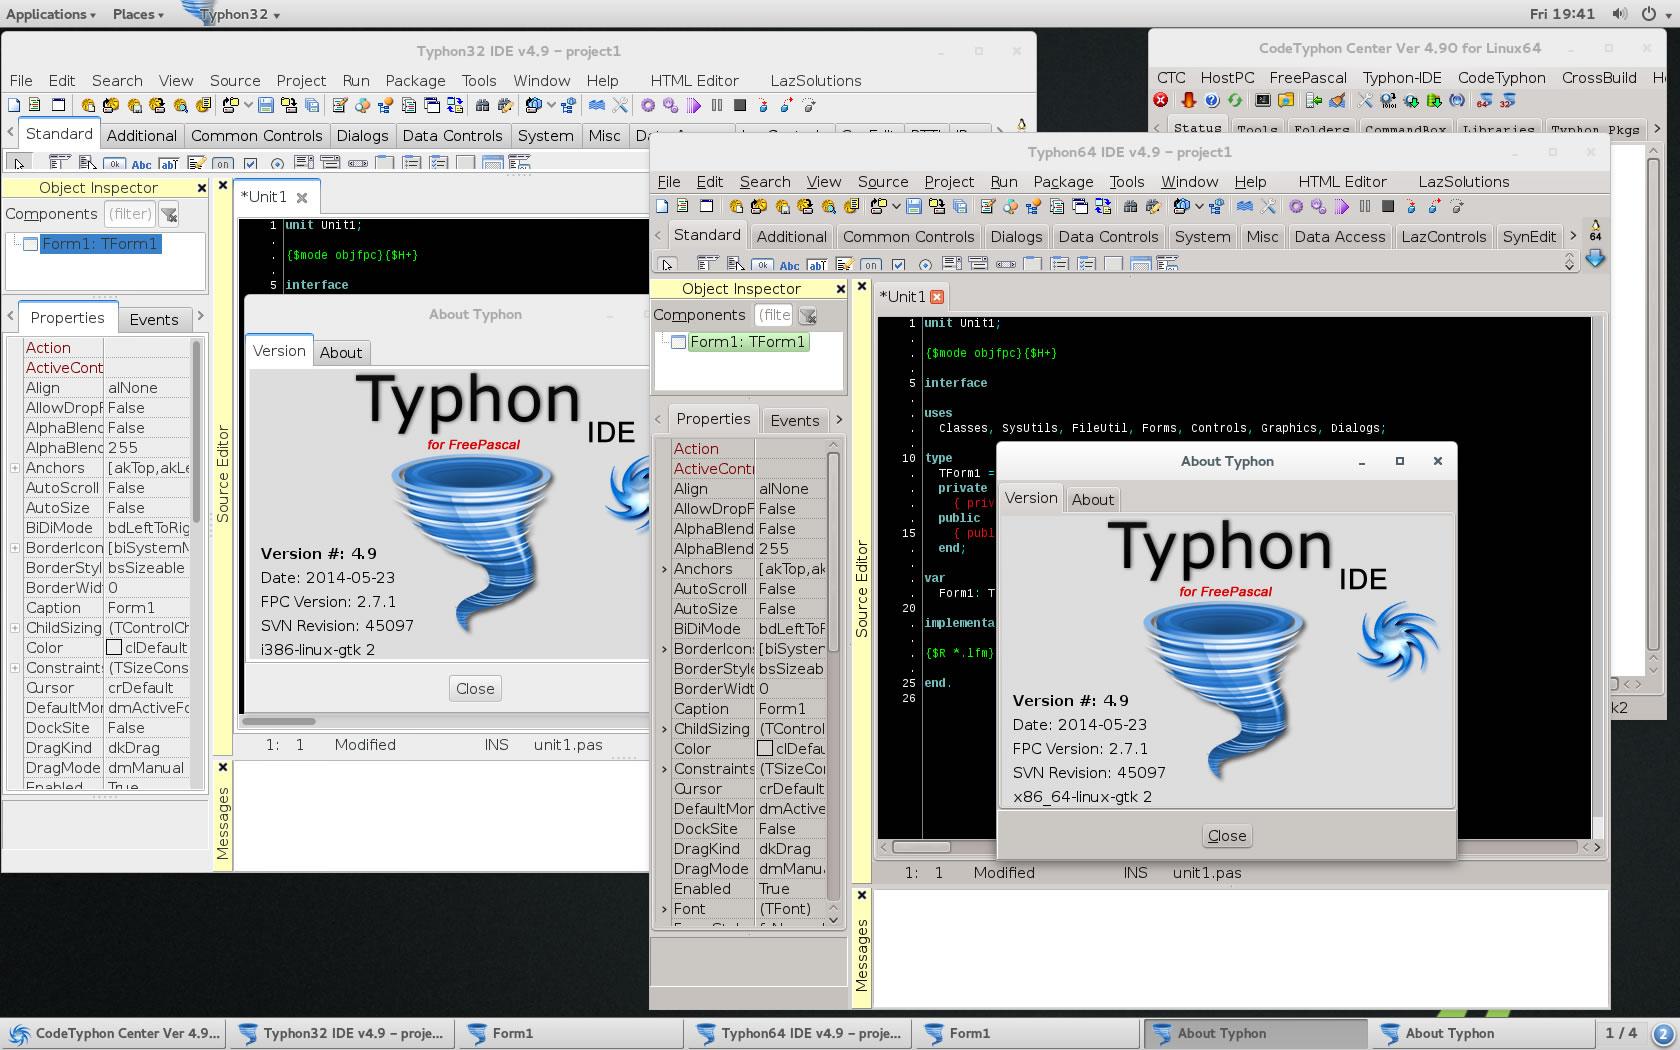 SUSELinux64-gtk2-2.jpg